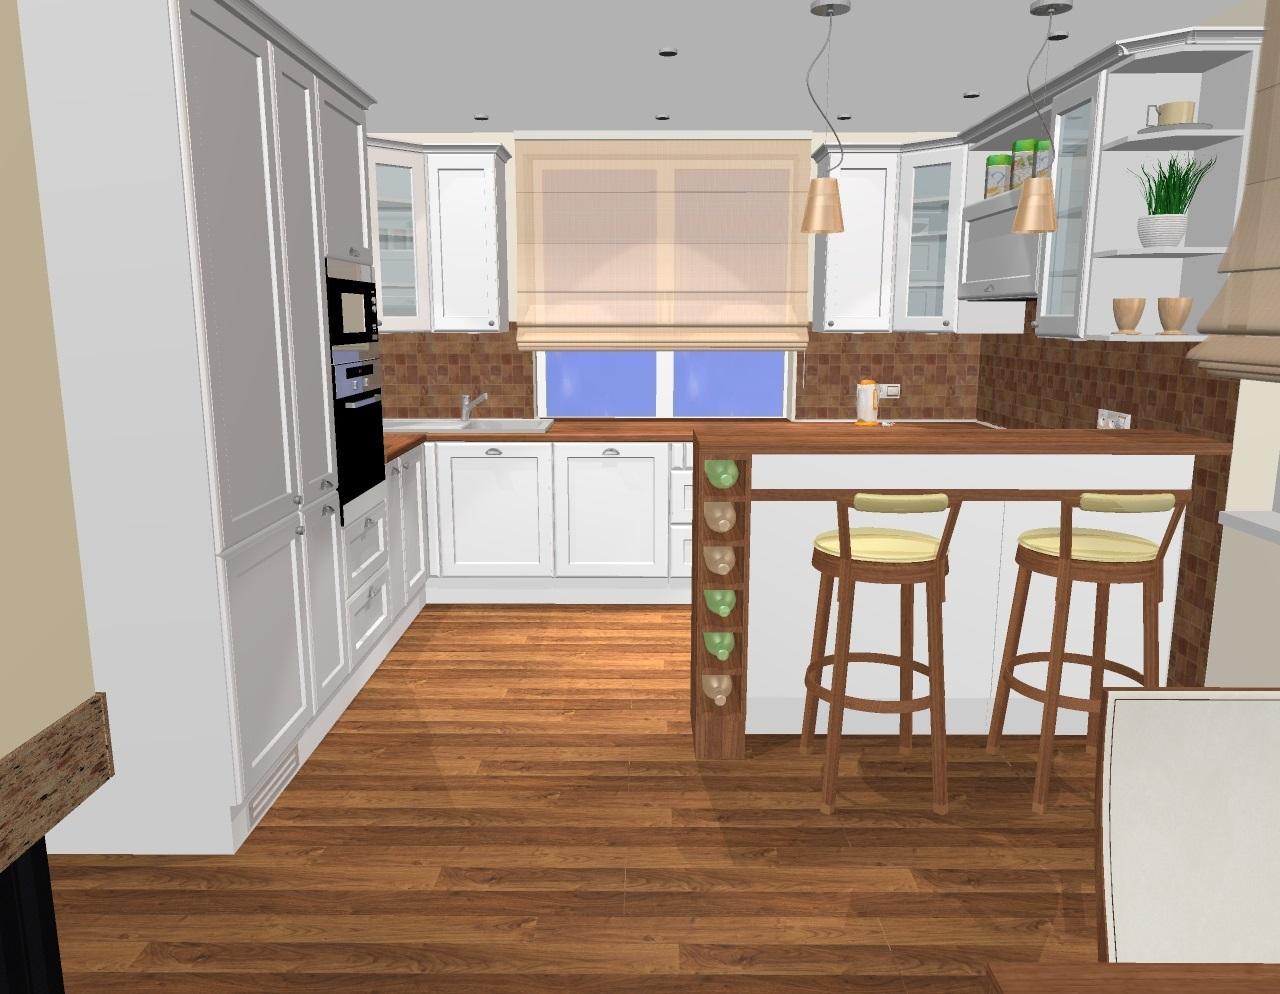 Kuchyňa a obývačka vo vidieckom štýle pre @malekacatko - Grafický návrh kuchyne do rodiného domu vo vidieckom štýle - návrh 4- obr.4 v.horných skriniek 90 cm